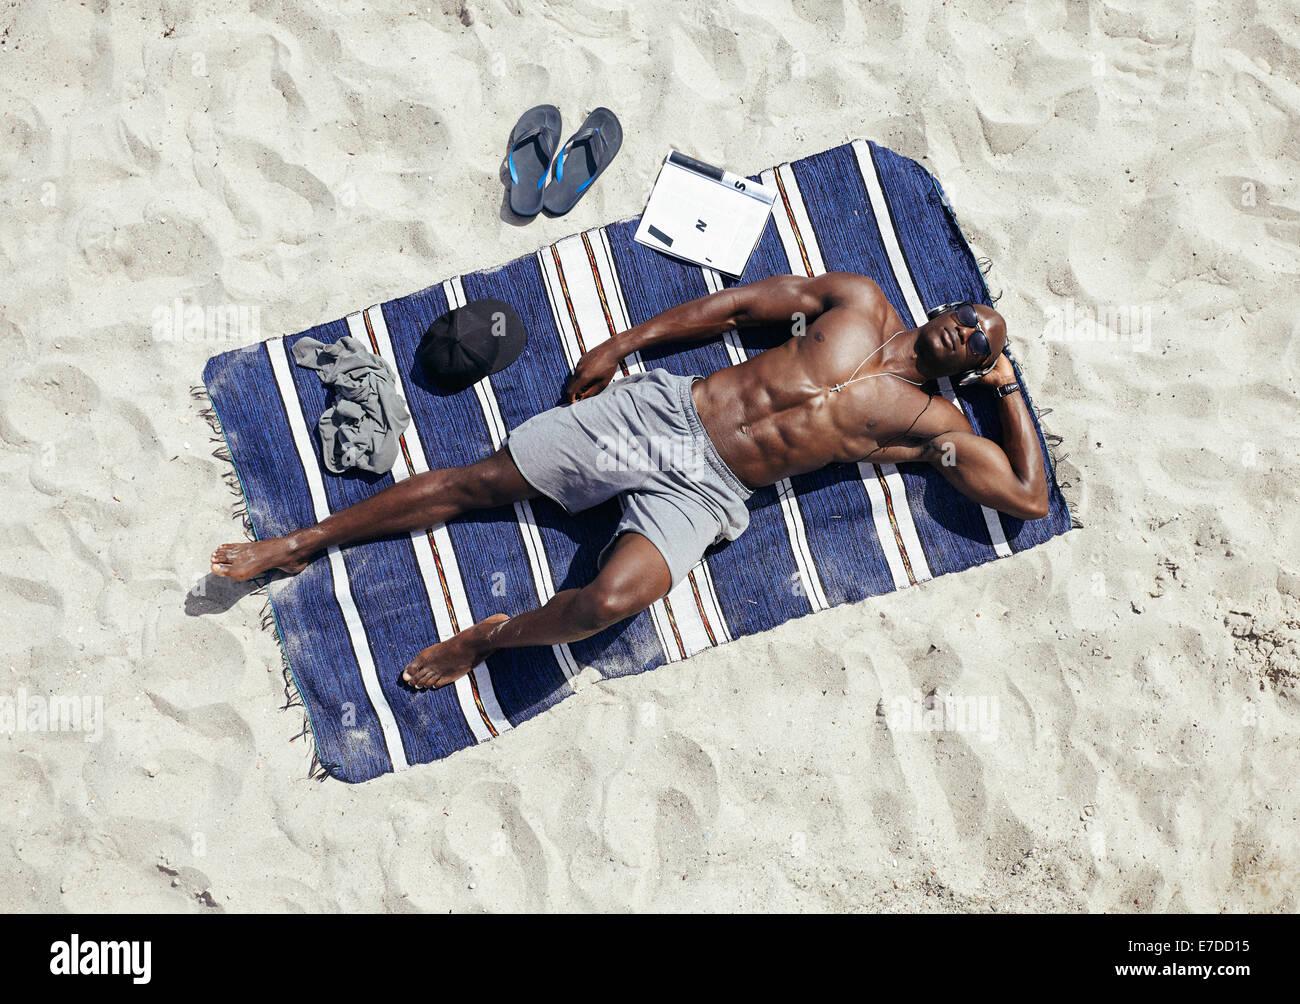 Vista superiore della muscolatura giovane uomo a prendere il sole sulla spiaggia. Ragazzo africano indossando occhiali Immagini Stock